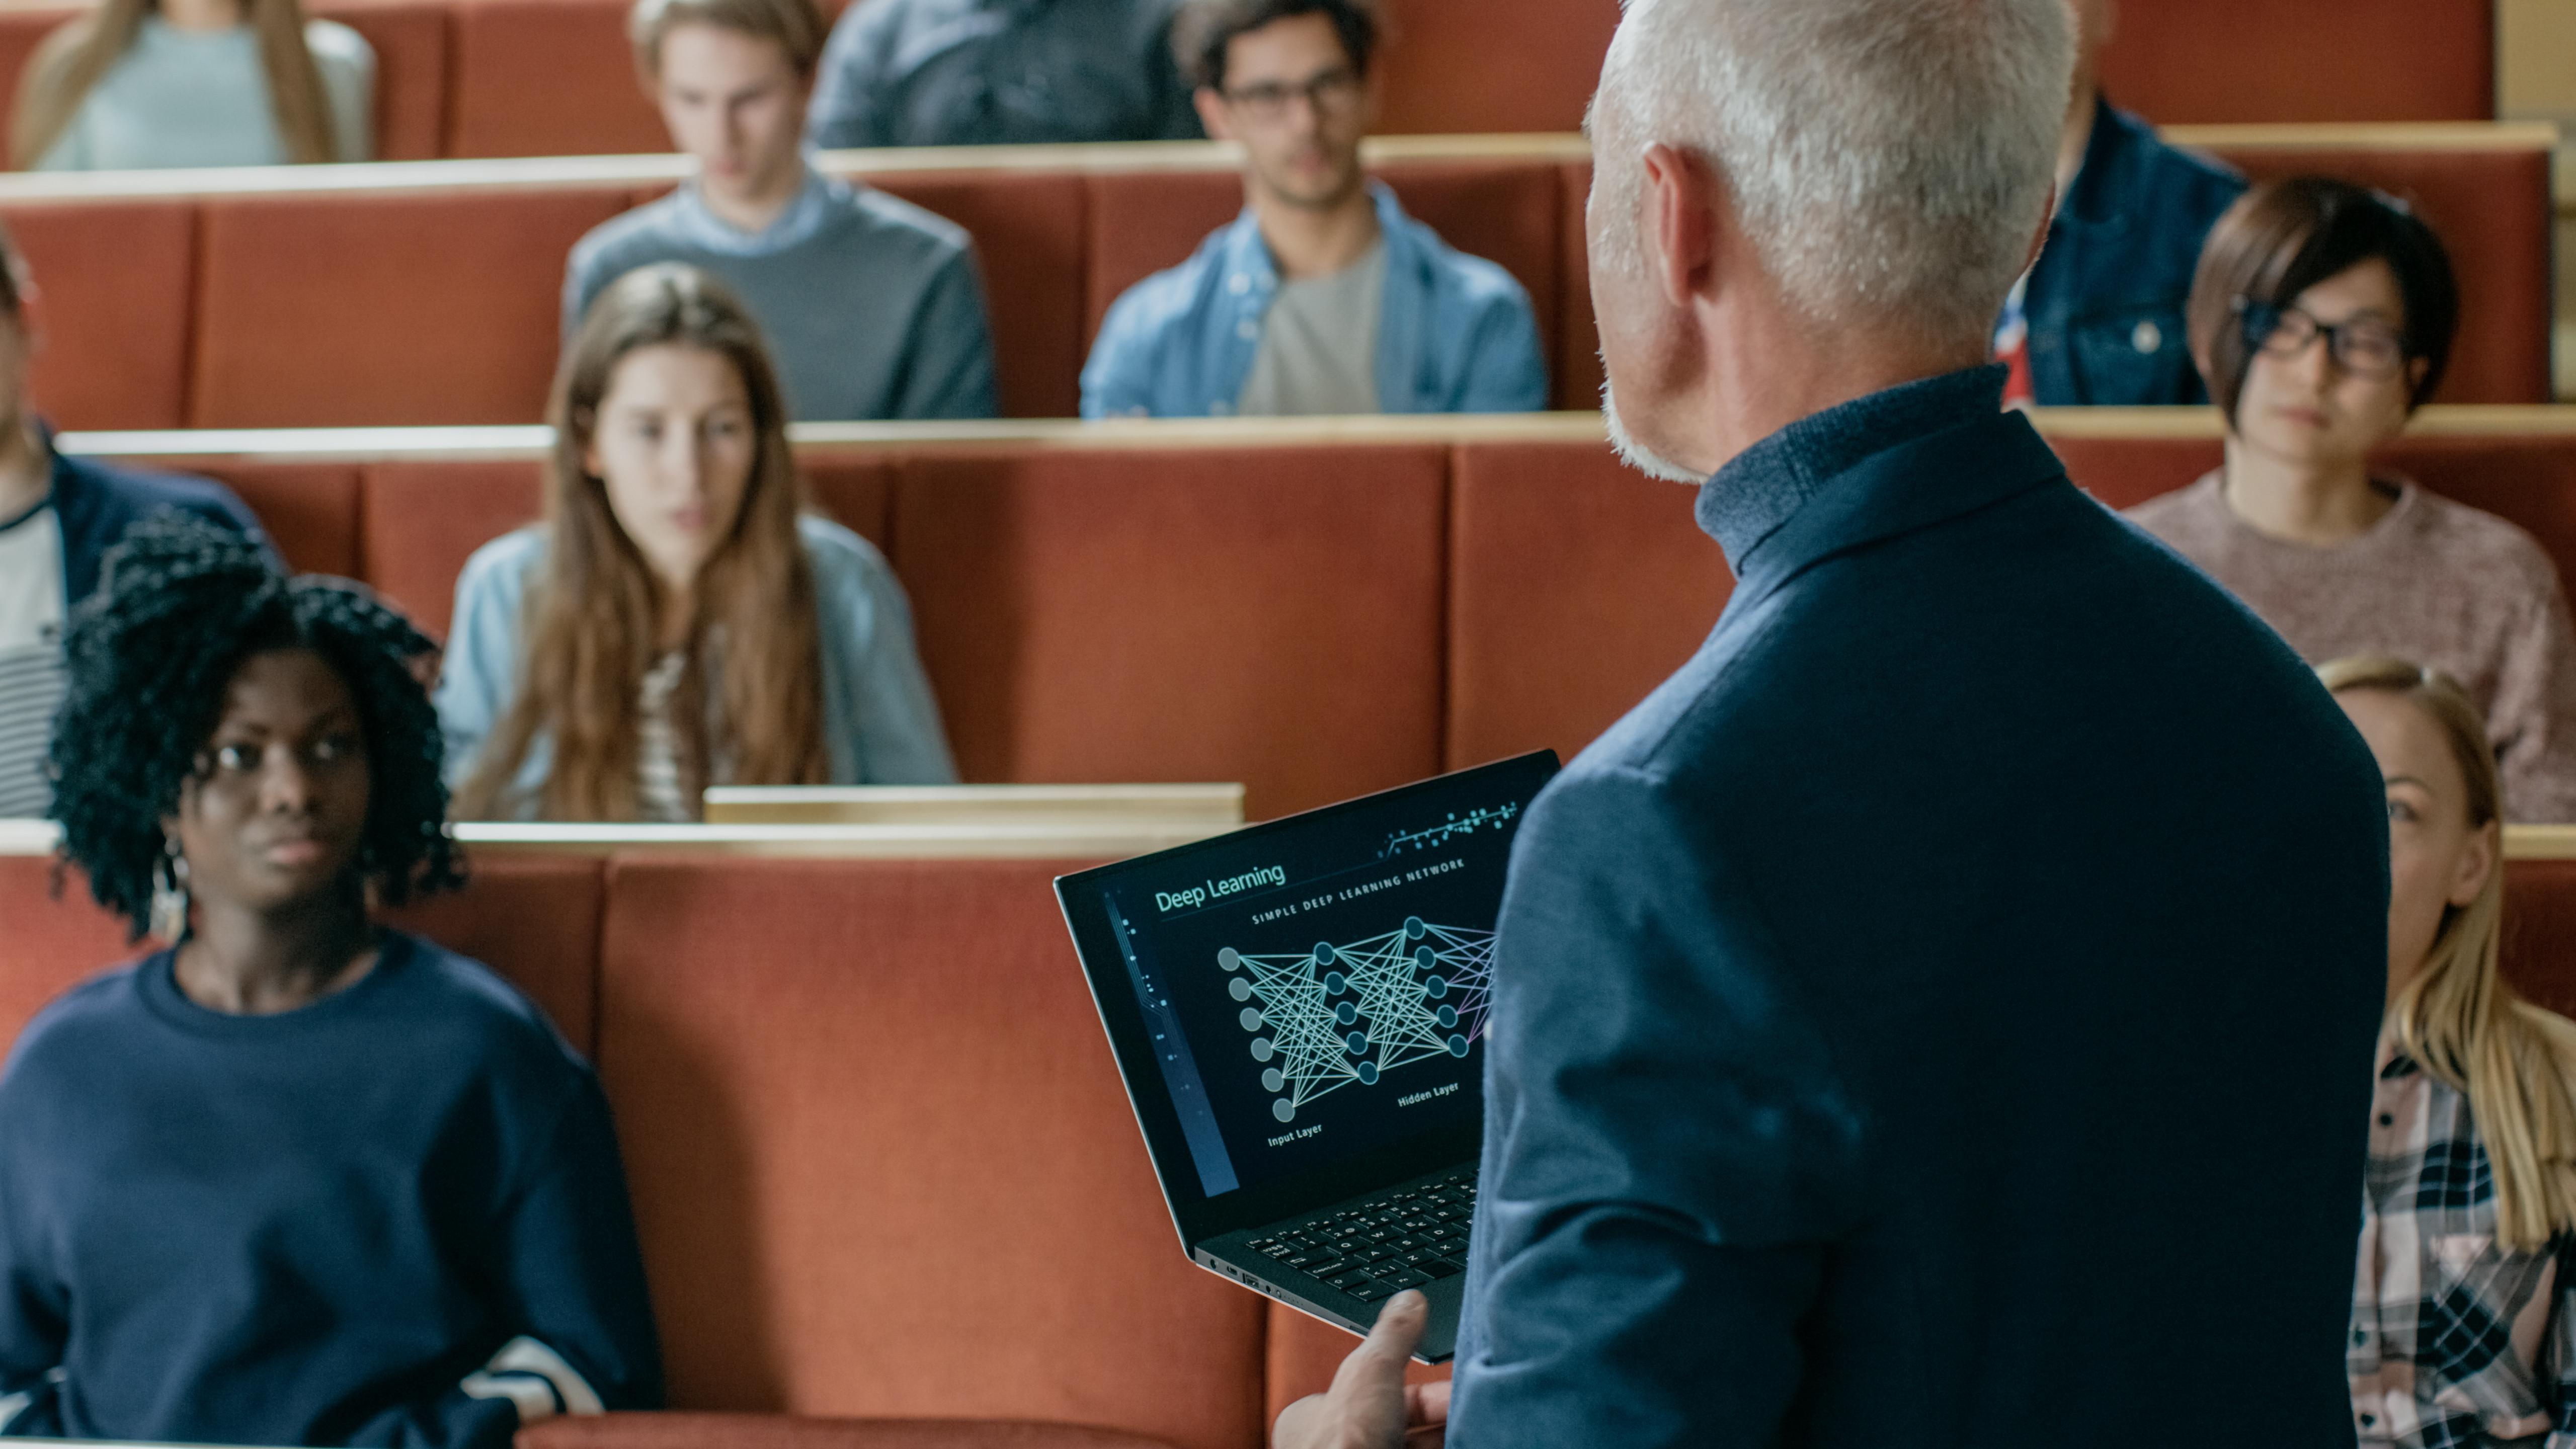 Exploring Faculty Attitudes on Tech